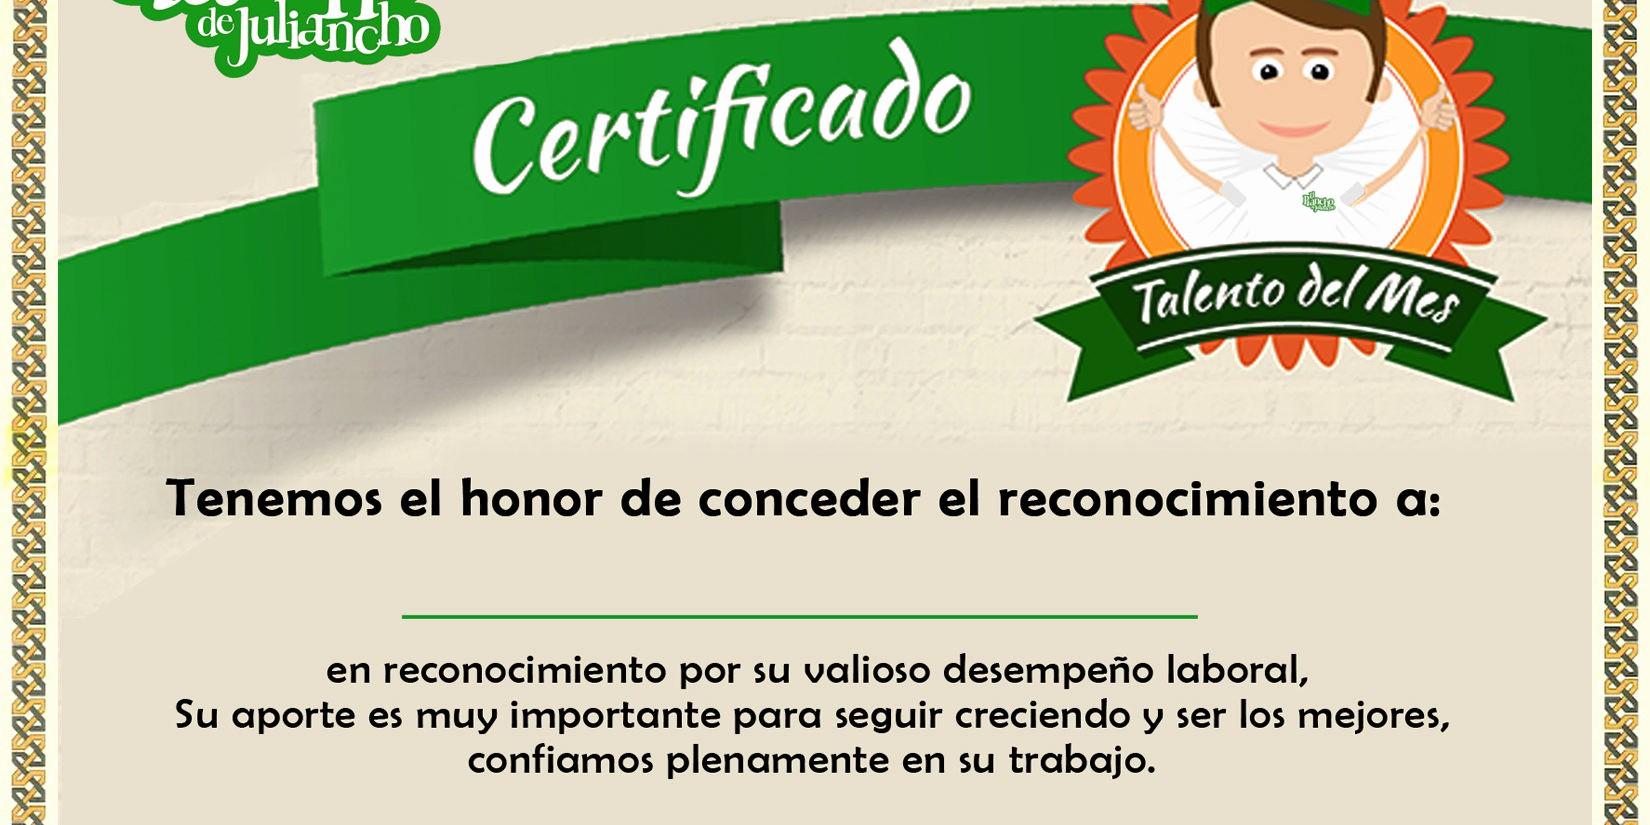 Formato Reconocimiento Empleado Del Mes Awesome Talento Del Mes – El Rancho De Juliancho